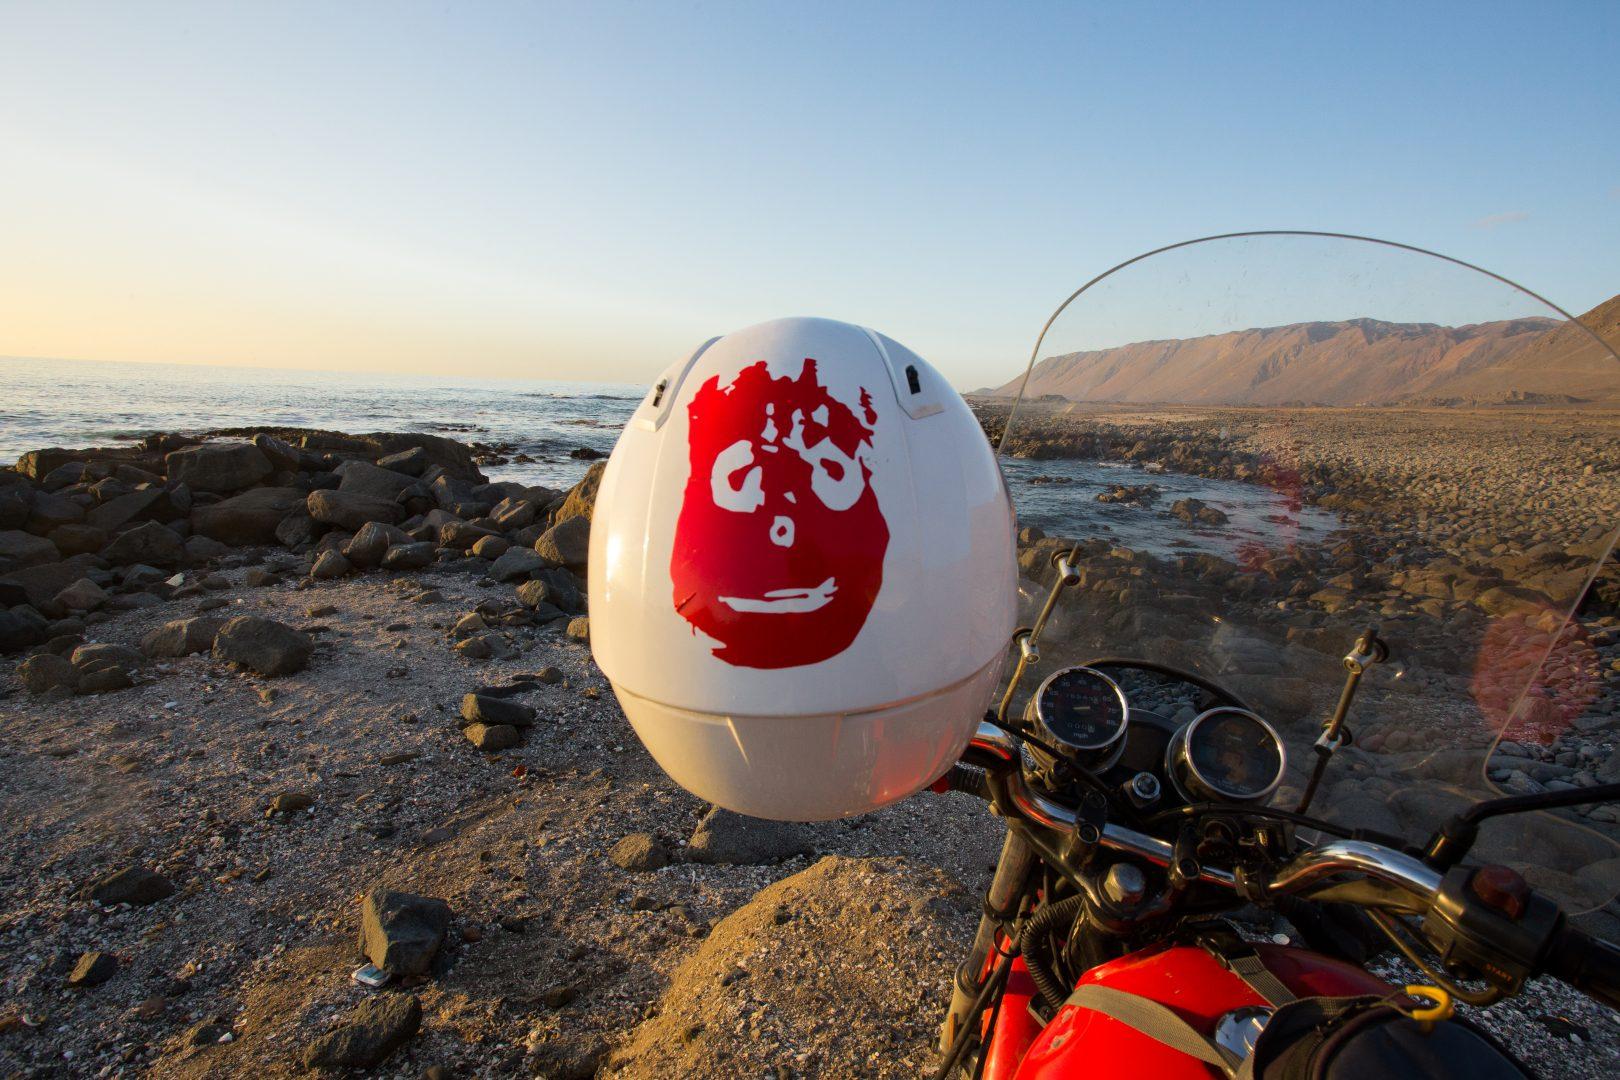 ¿Qué equipo utilizó Cabeza para viajar en moto de Córdoba a Perú?